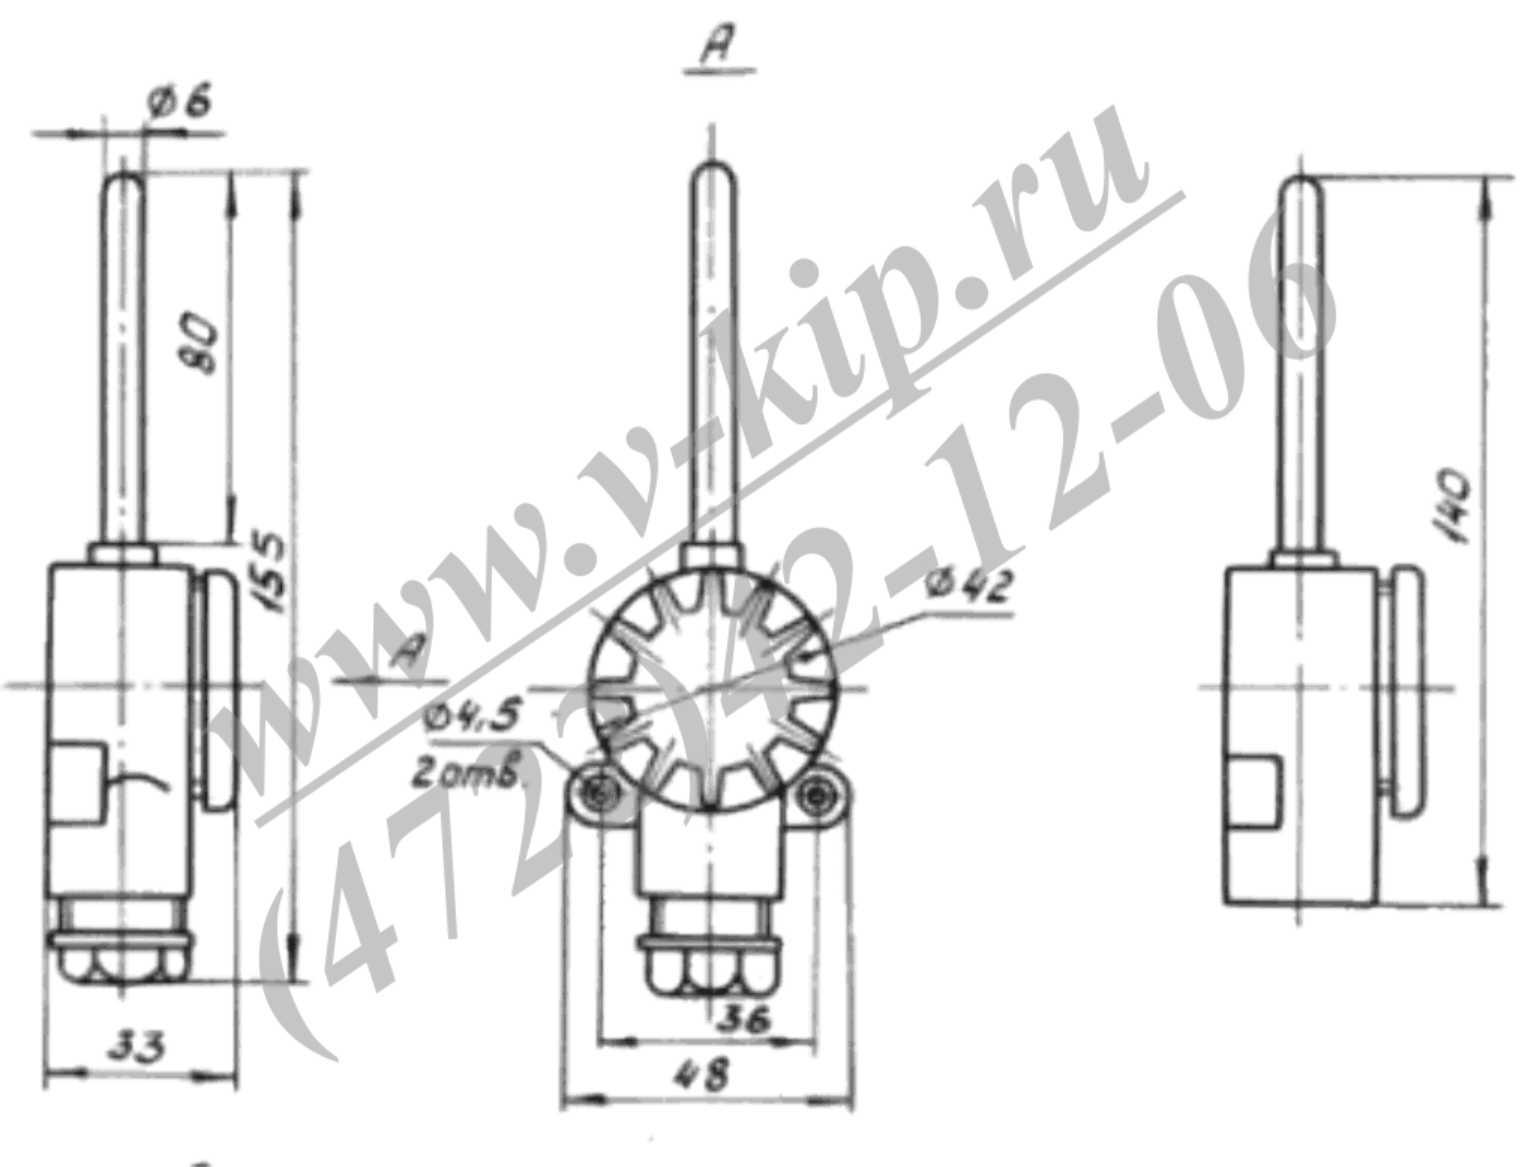 Габаритная схема - Термопреобразователи ТСП-0987, ТСМ-0987